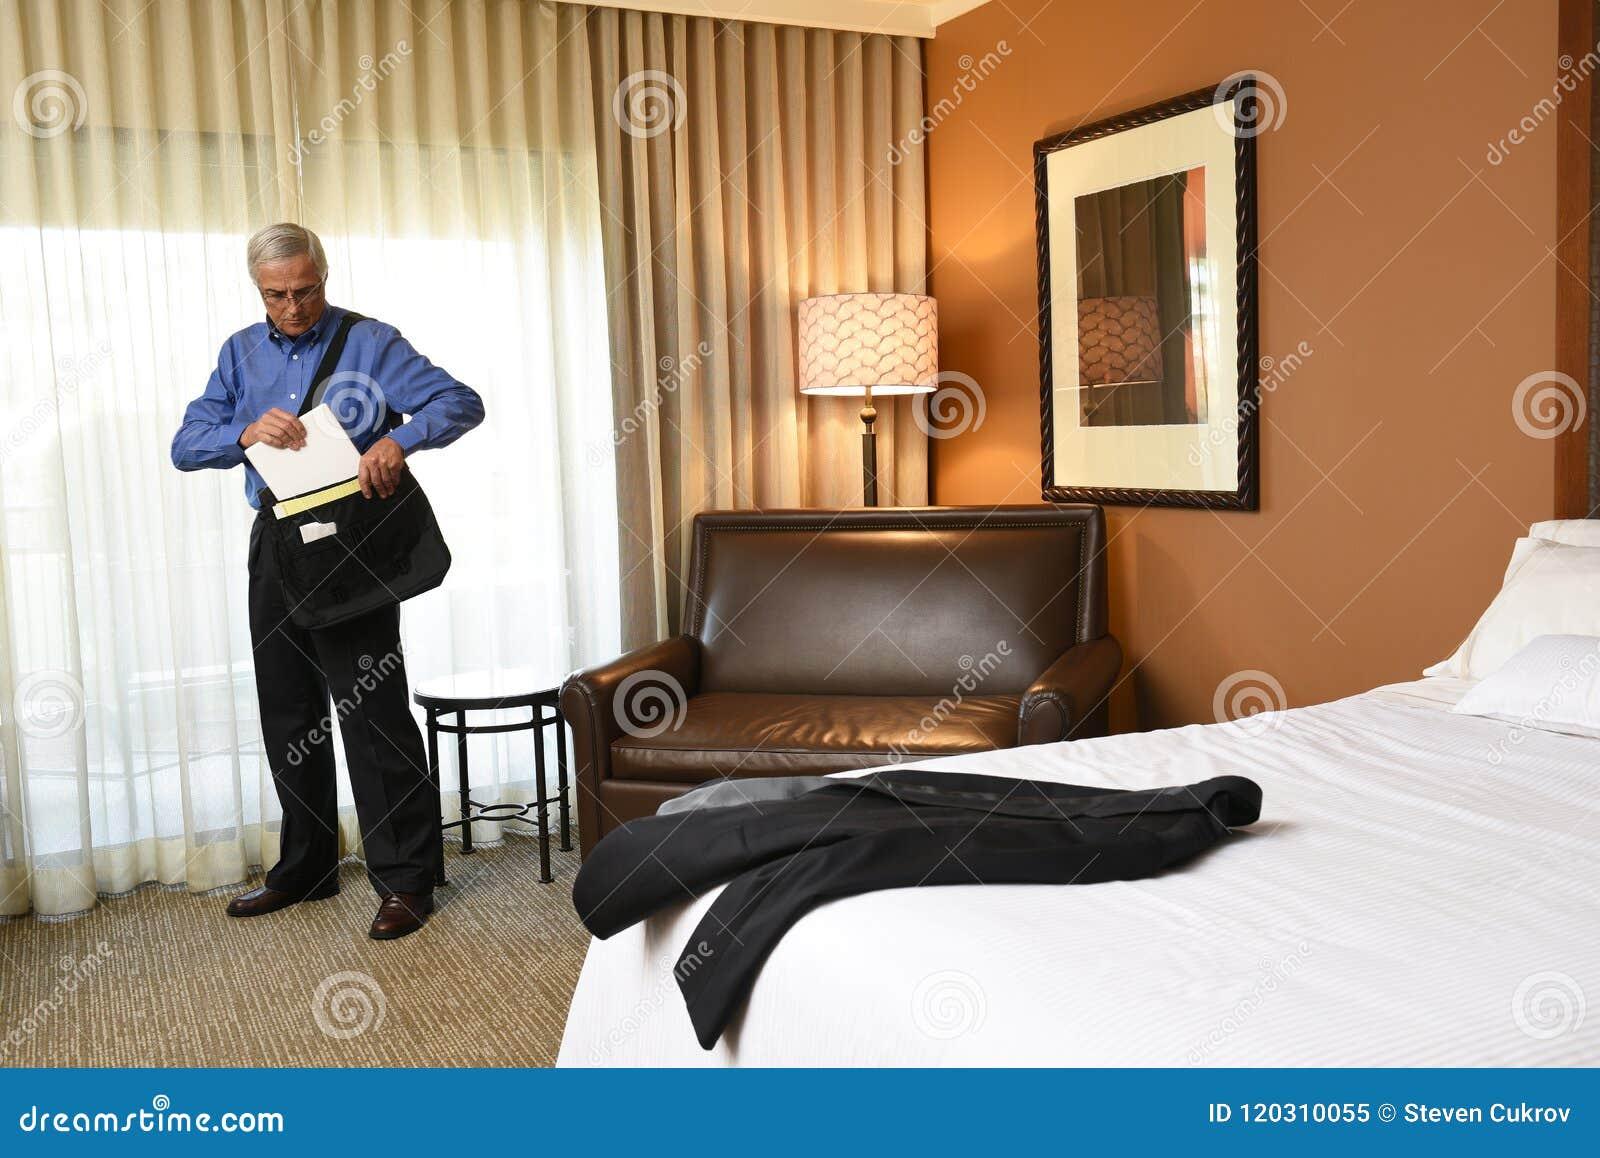 Concept De Voyage Du0027affaires : Homme Du0027affaires Dans Sa Chambre Du0027hôtel  Emballant Son Sac Pour Le Jour Lu0027art De Mur Est Seulement Réflexion De  Fenêtre Et De ...